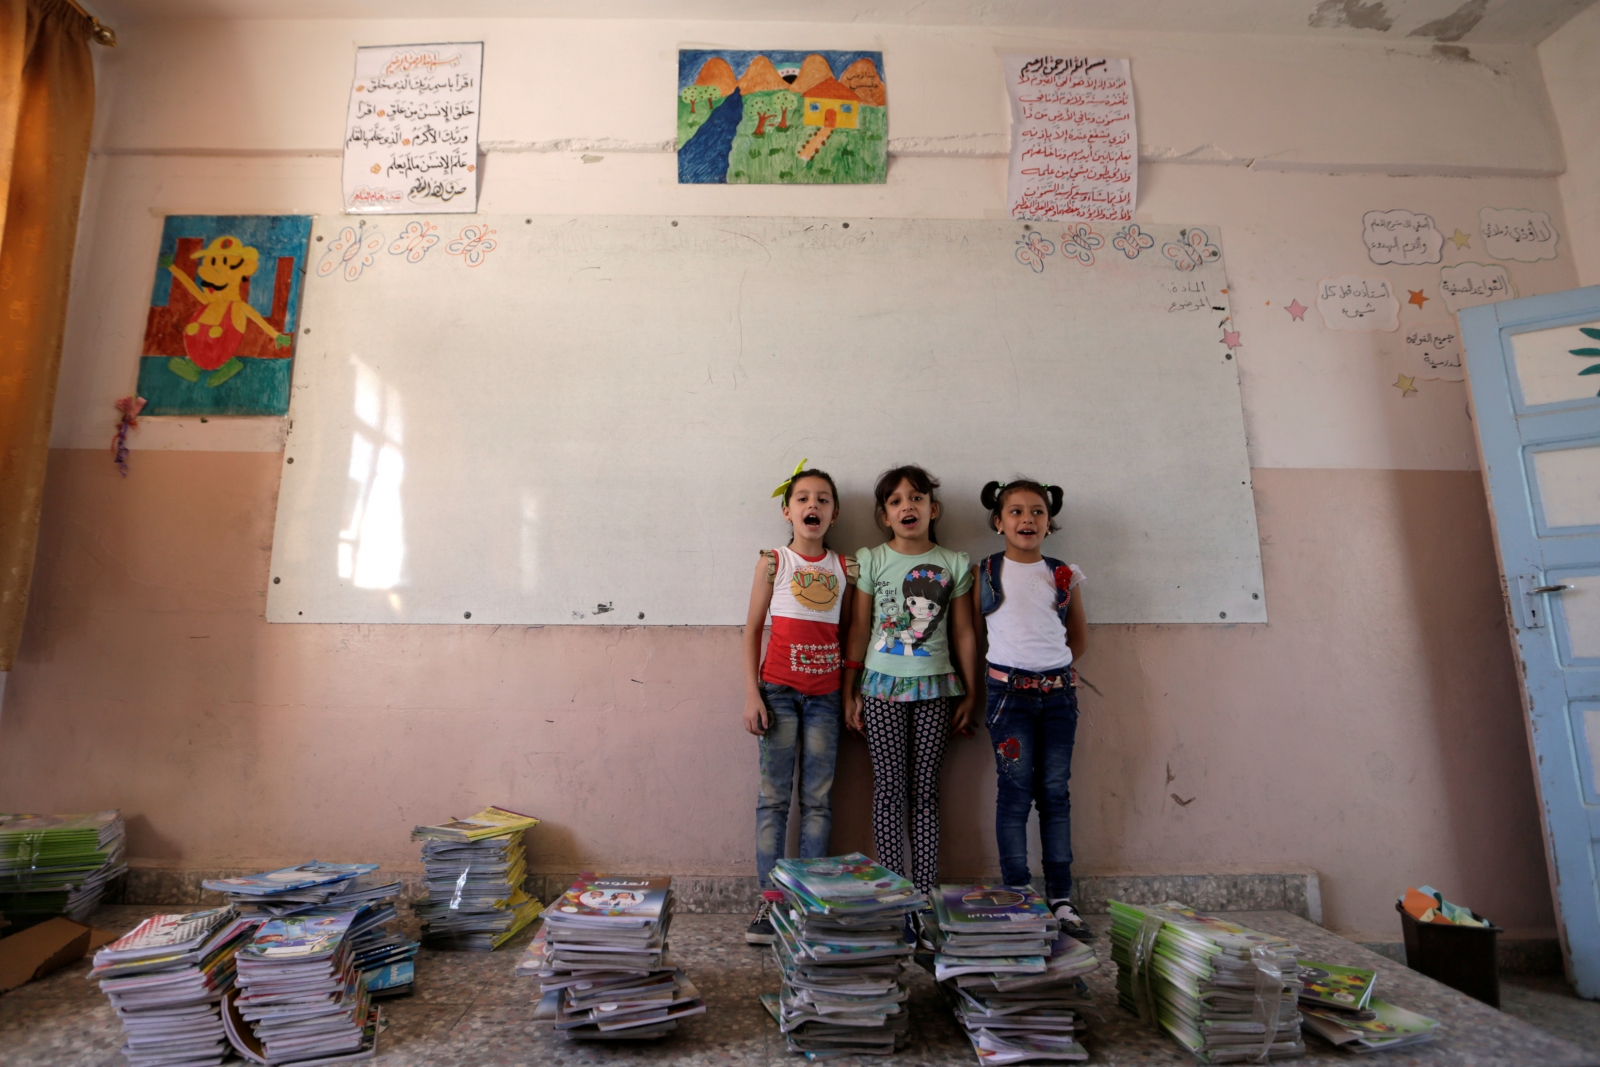 Syria school children